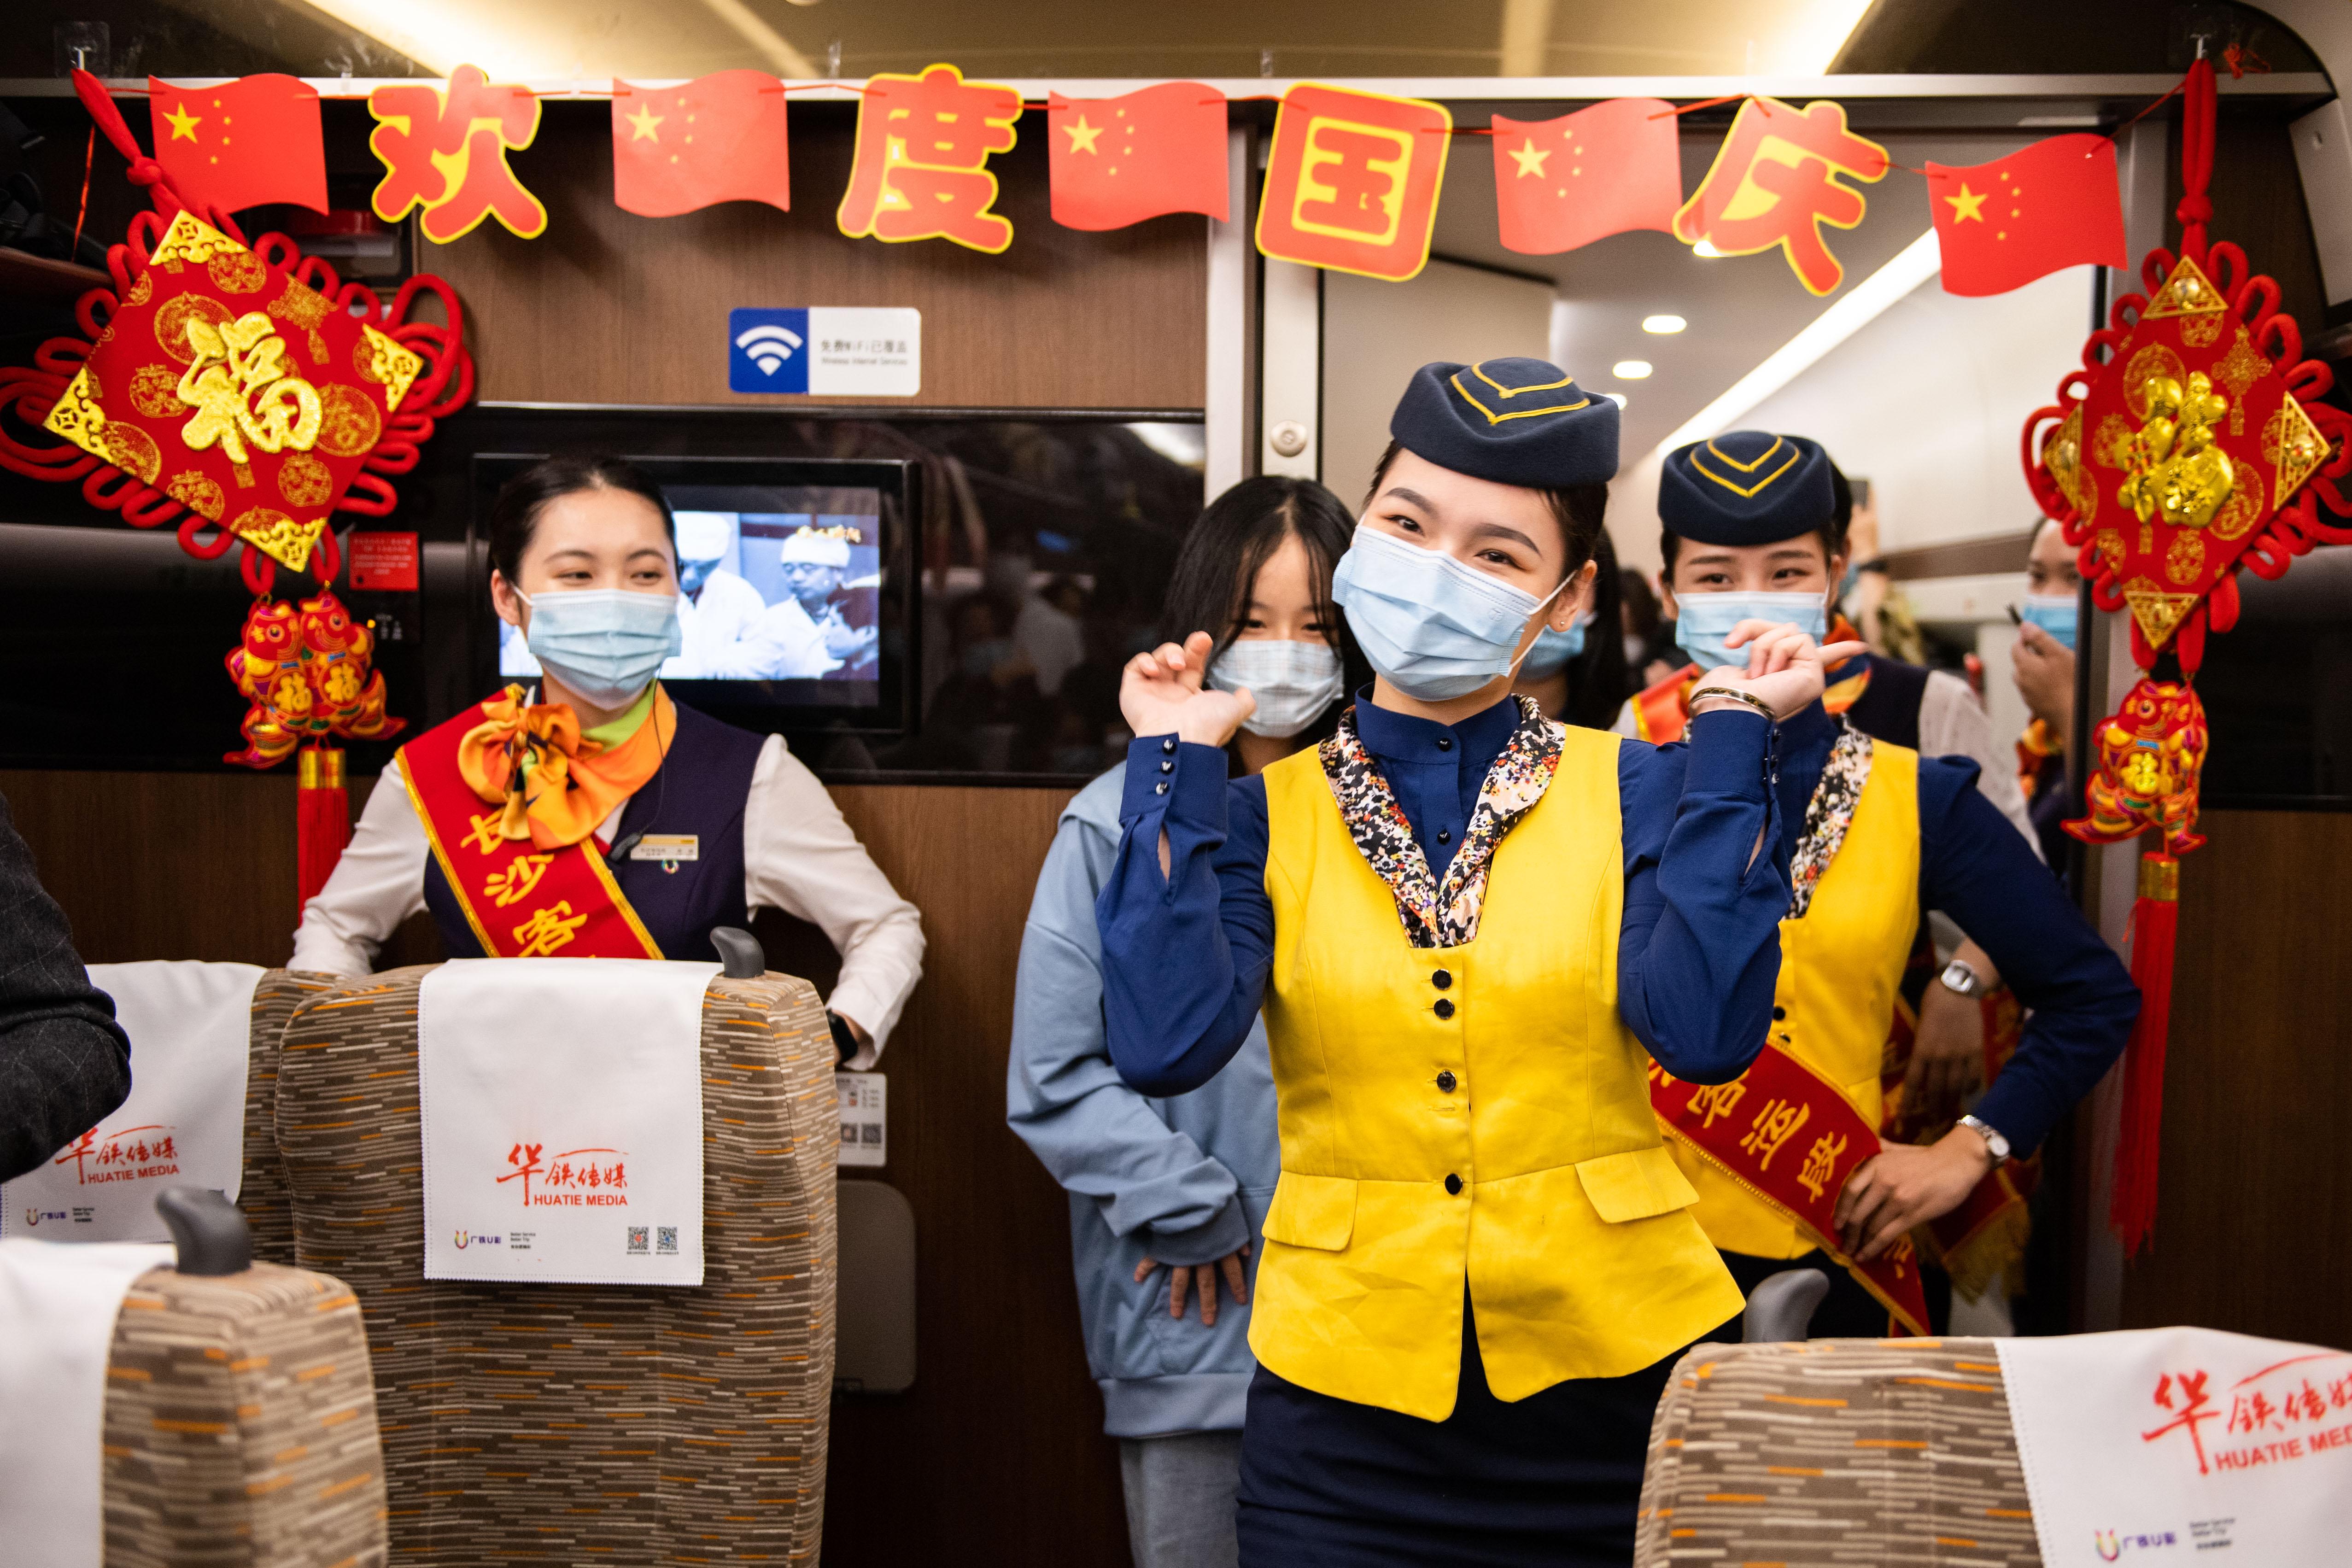 在岳陽東開往廣州南的G6131次「復興號」高鐵列車上,乘務員在「喜迎國慶濃情中秋」活動中為旅客表演舞蹈(10月1日攝)。 (新華社)